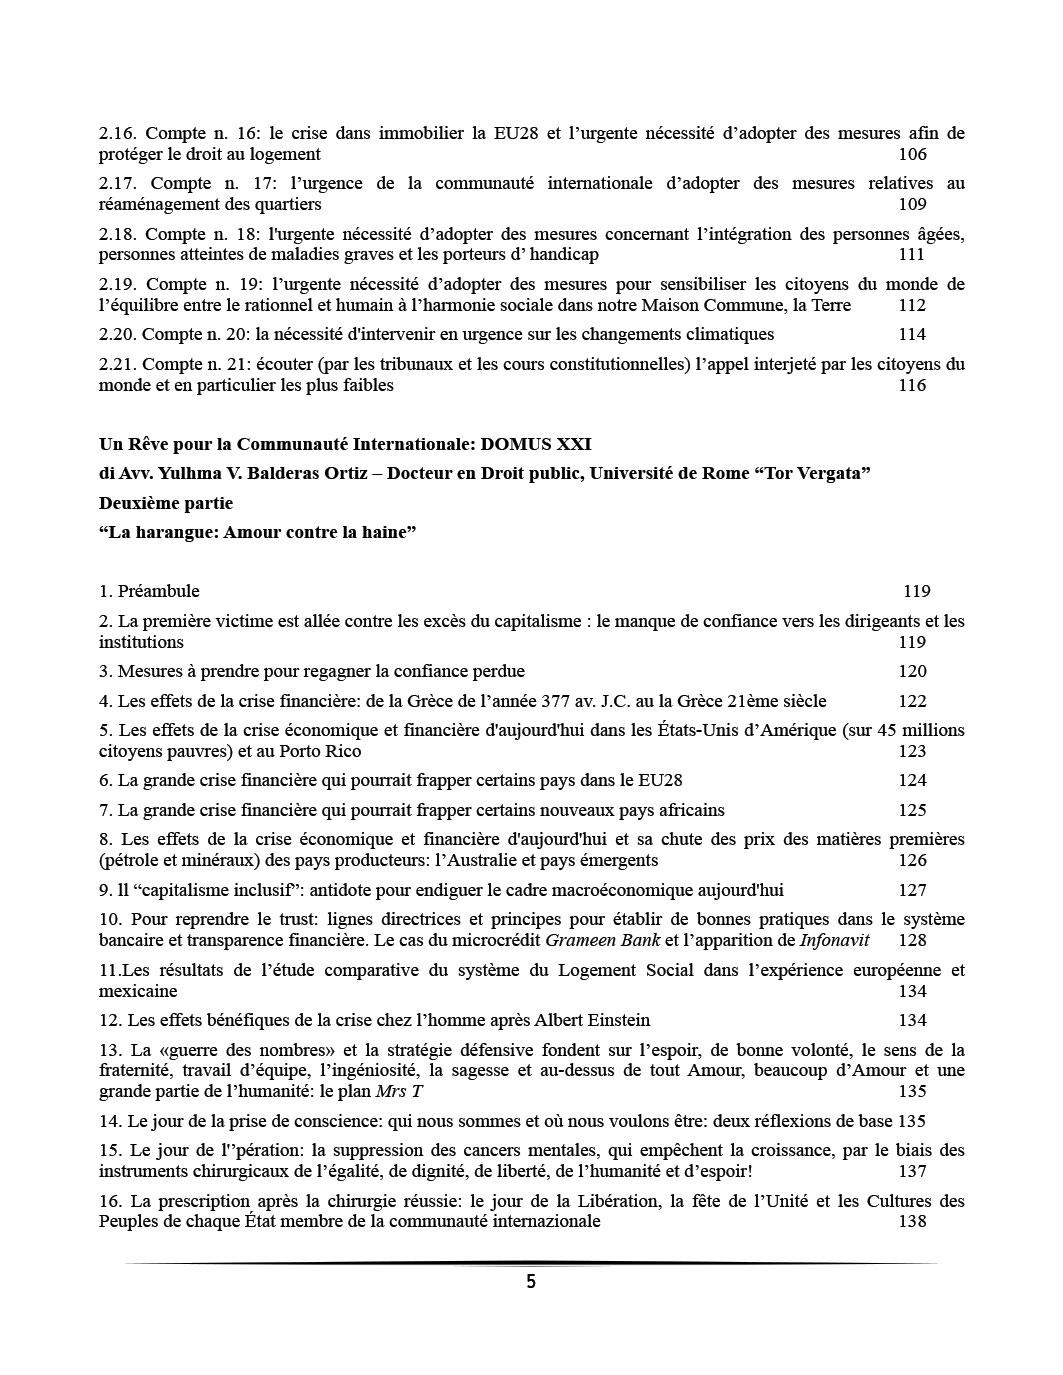 TRADUZIONE-FRANCESE-DOMUS-XXI-GENNAIO-2016-5